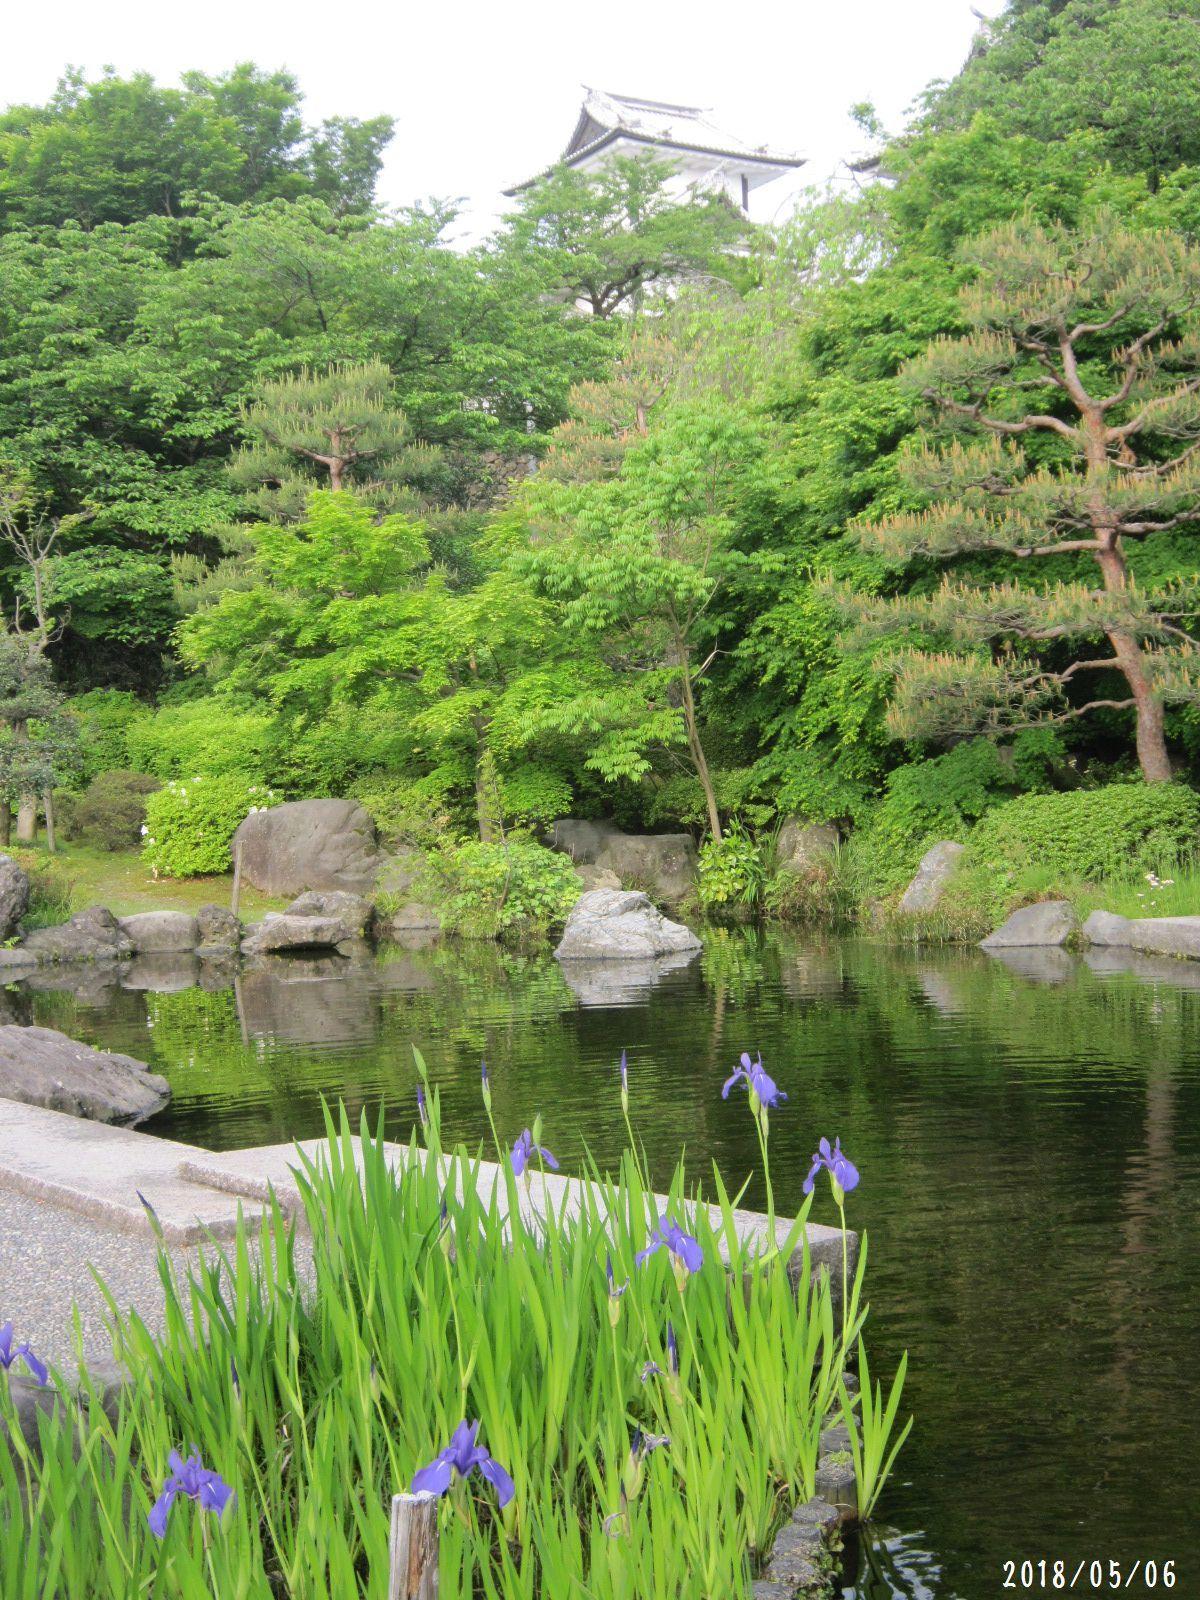 緑まばゆい季節となりました☆(5月10日追記あり) _a0207574_15514872.jpg